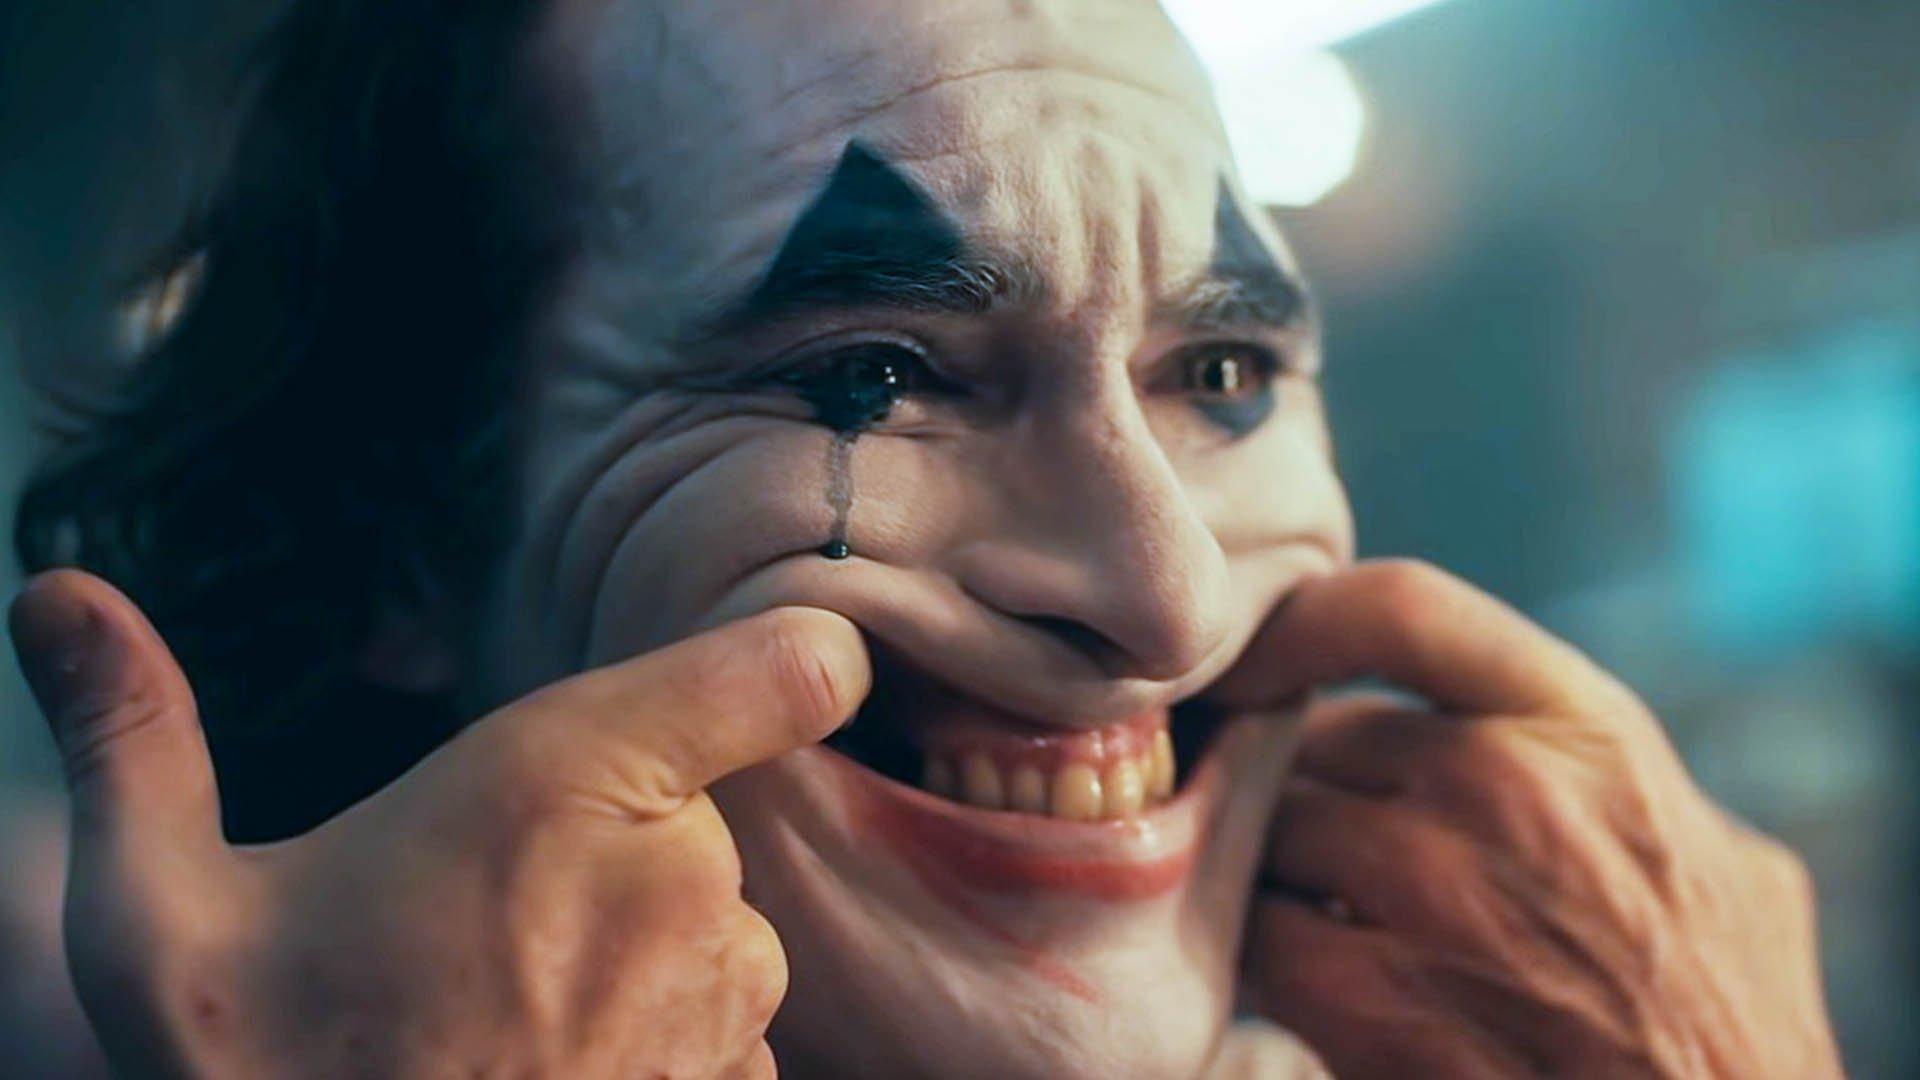 Il film è composto dai frammenti della mente violenta e sofferente di Joker